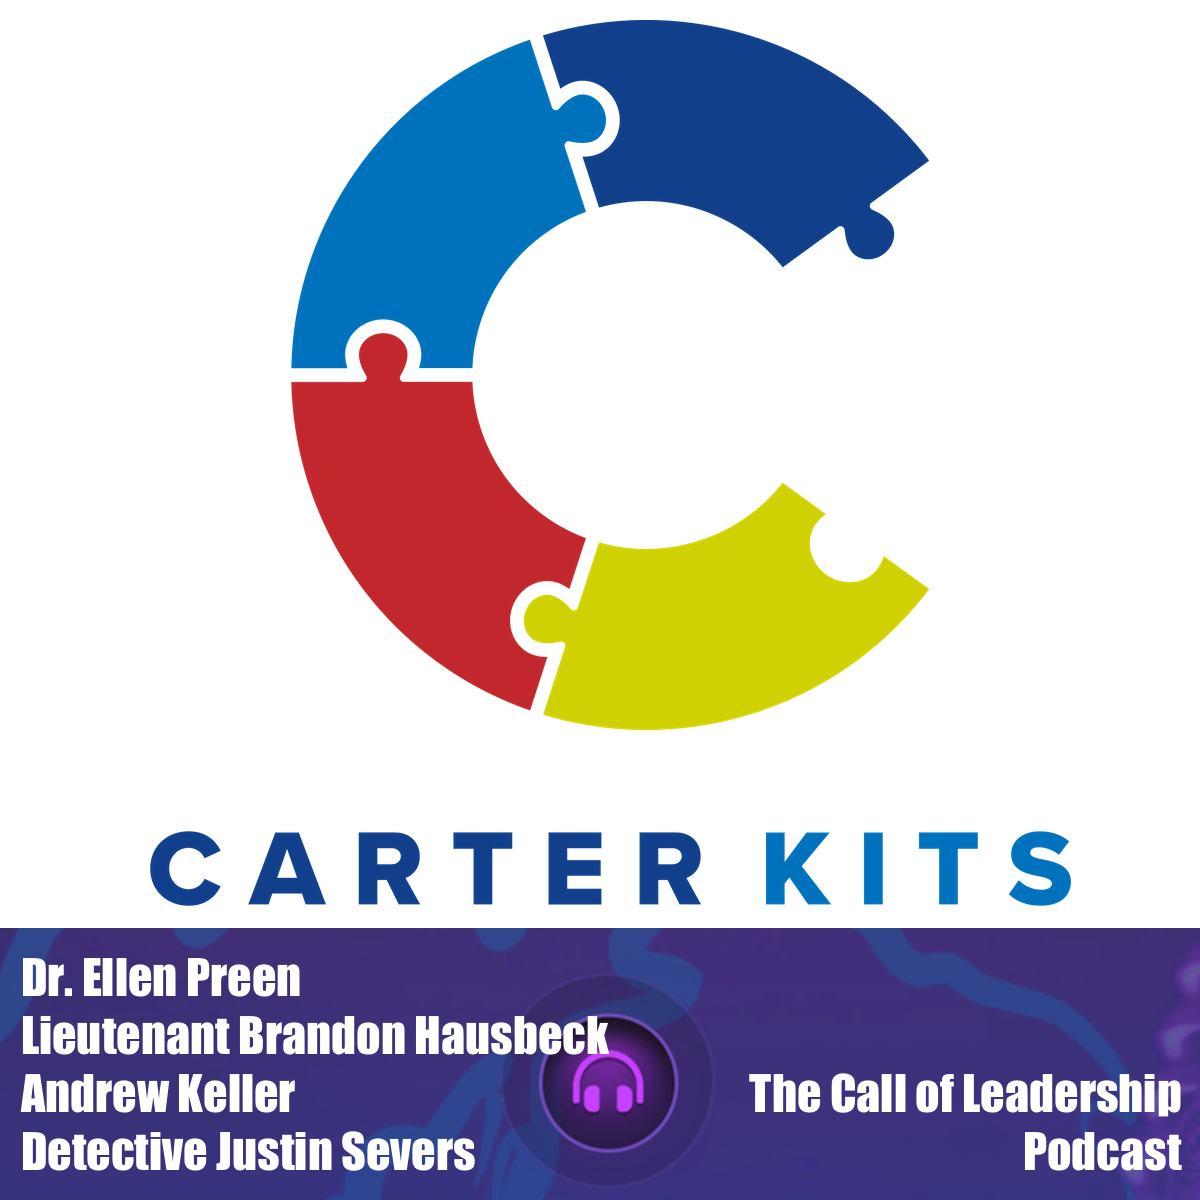 Carter Kits